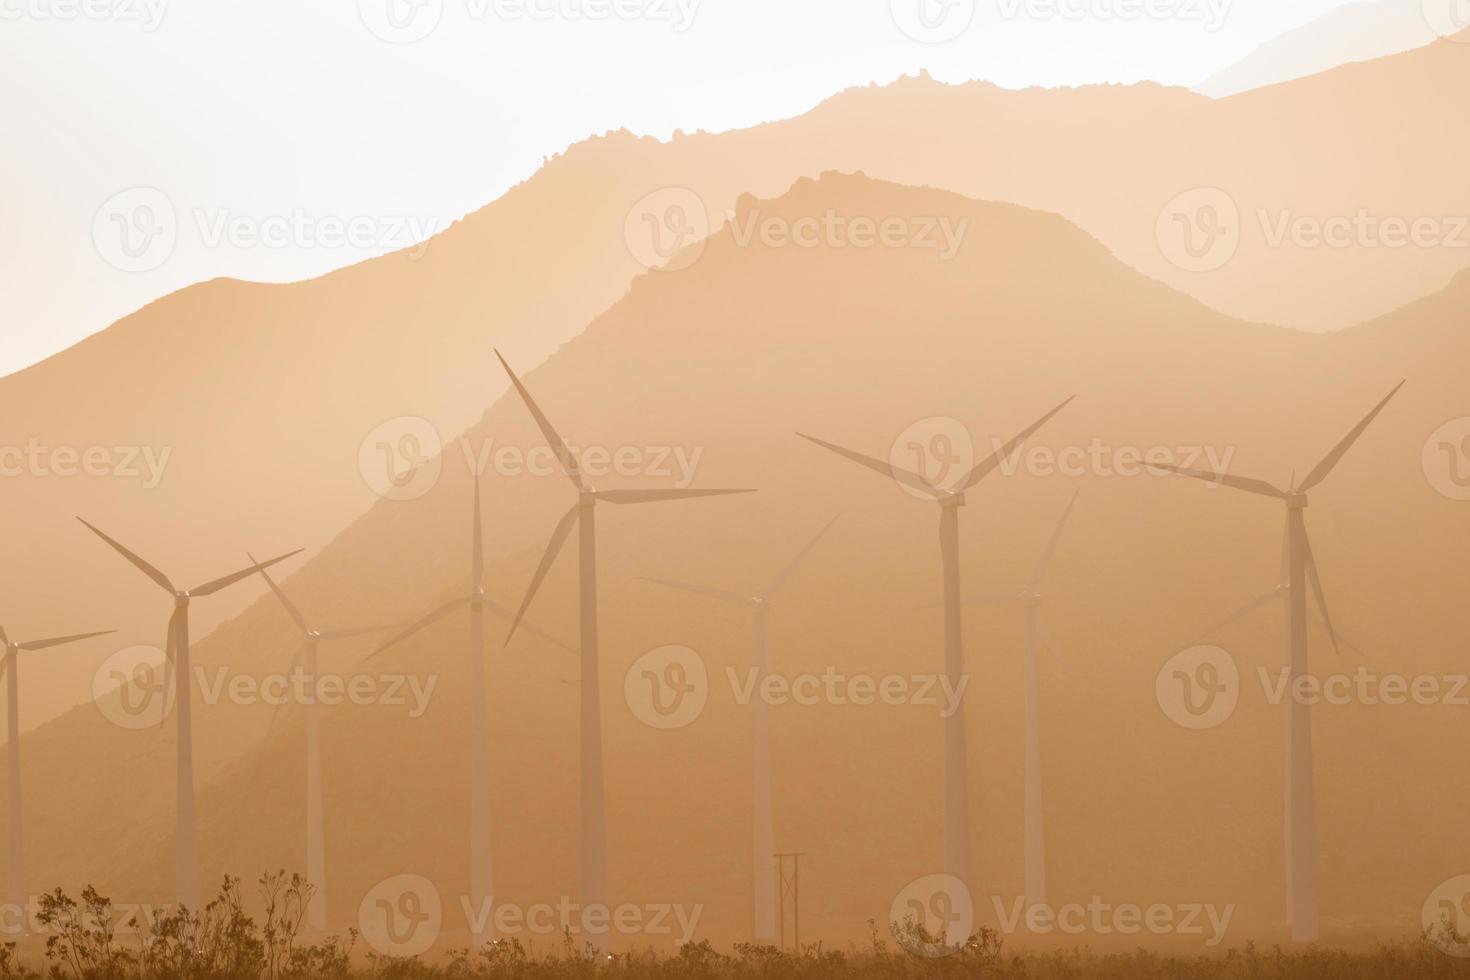 schone groene energie windturbines alternatieve woestijnkracht foto